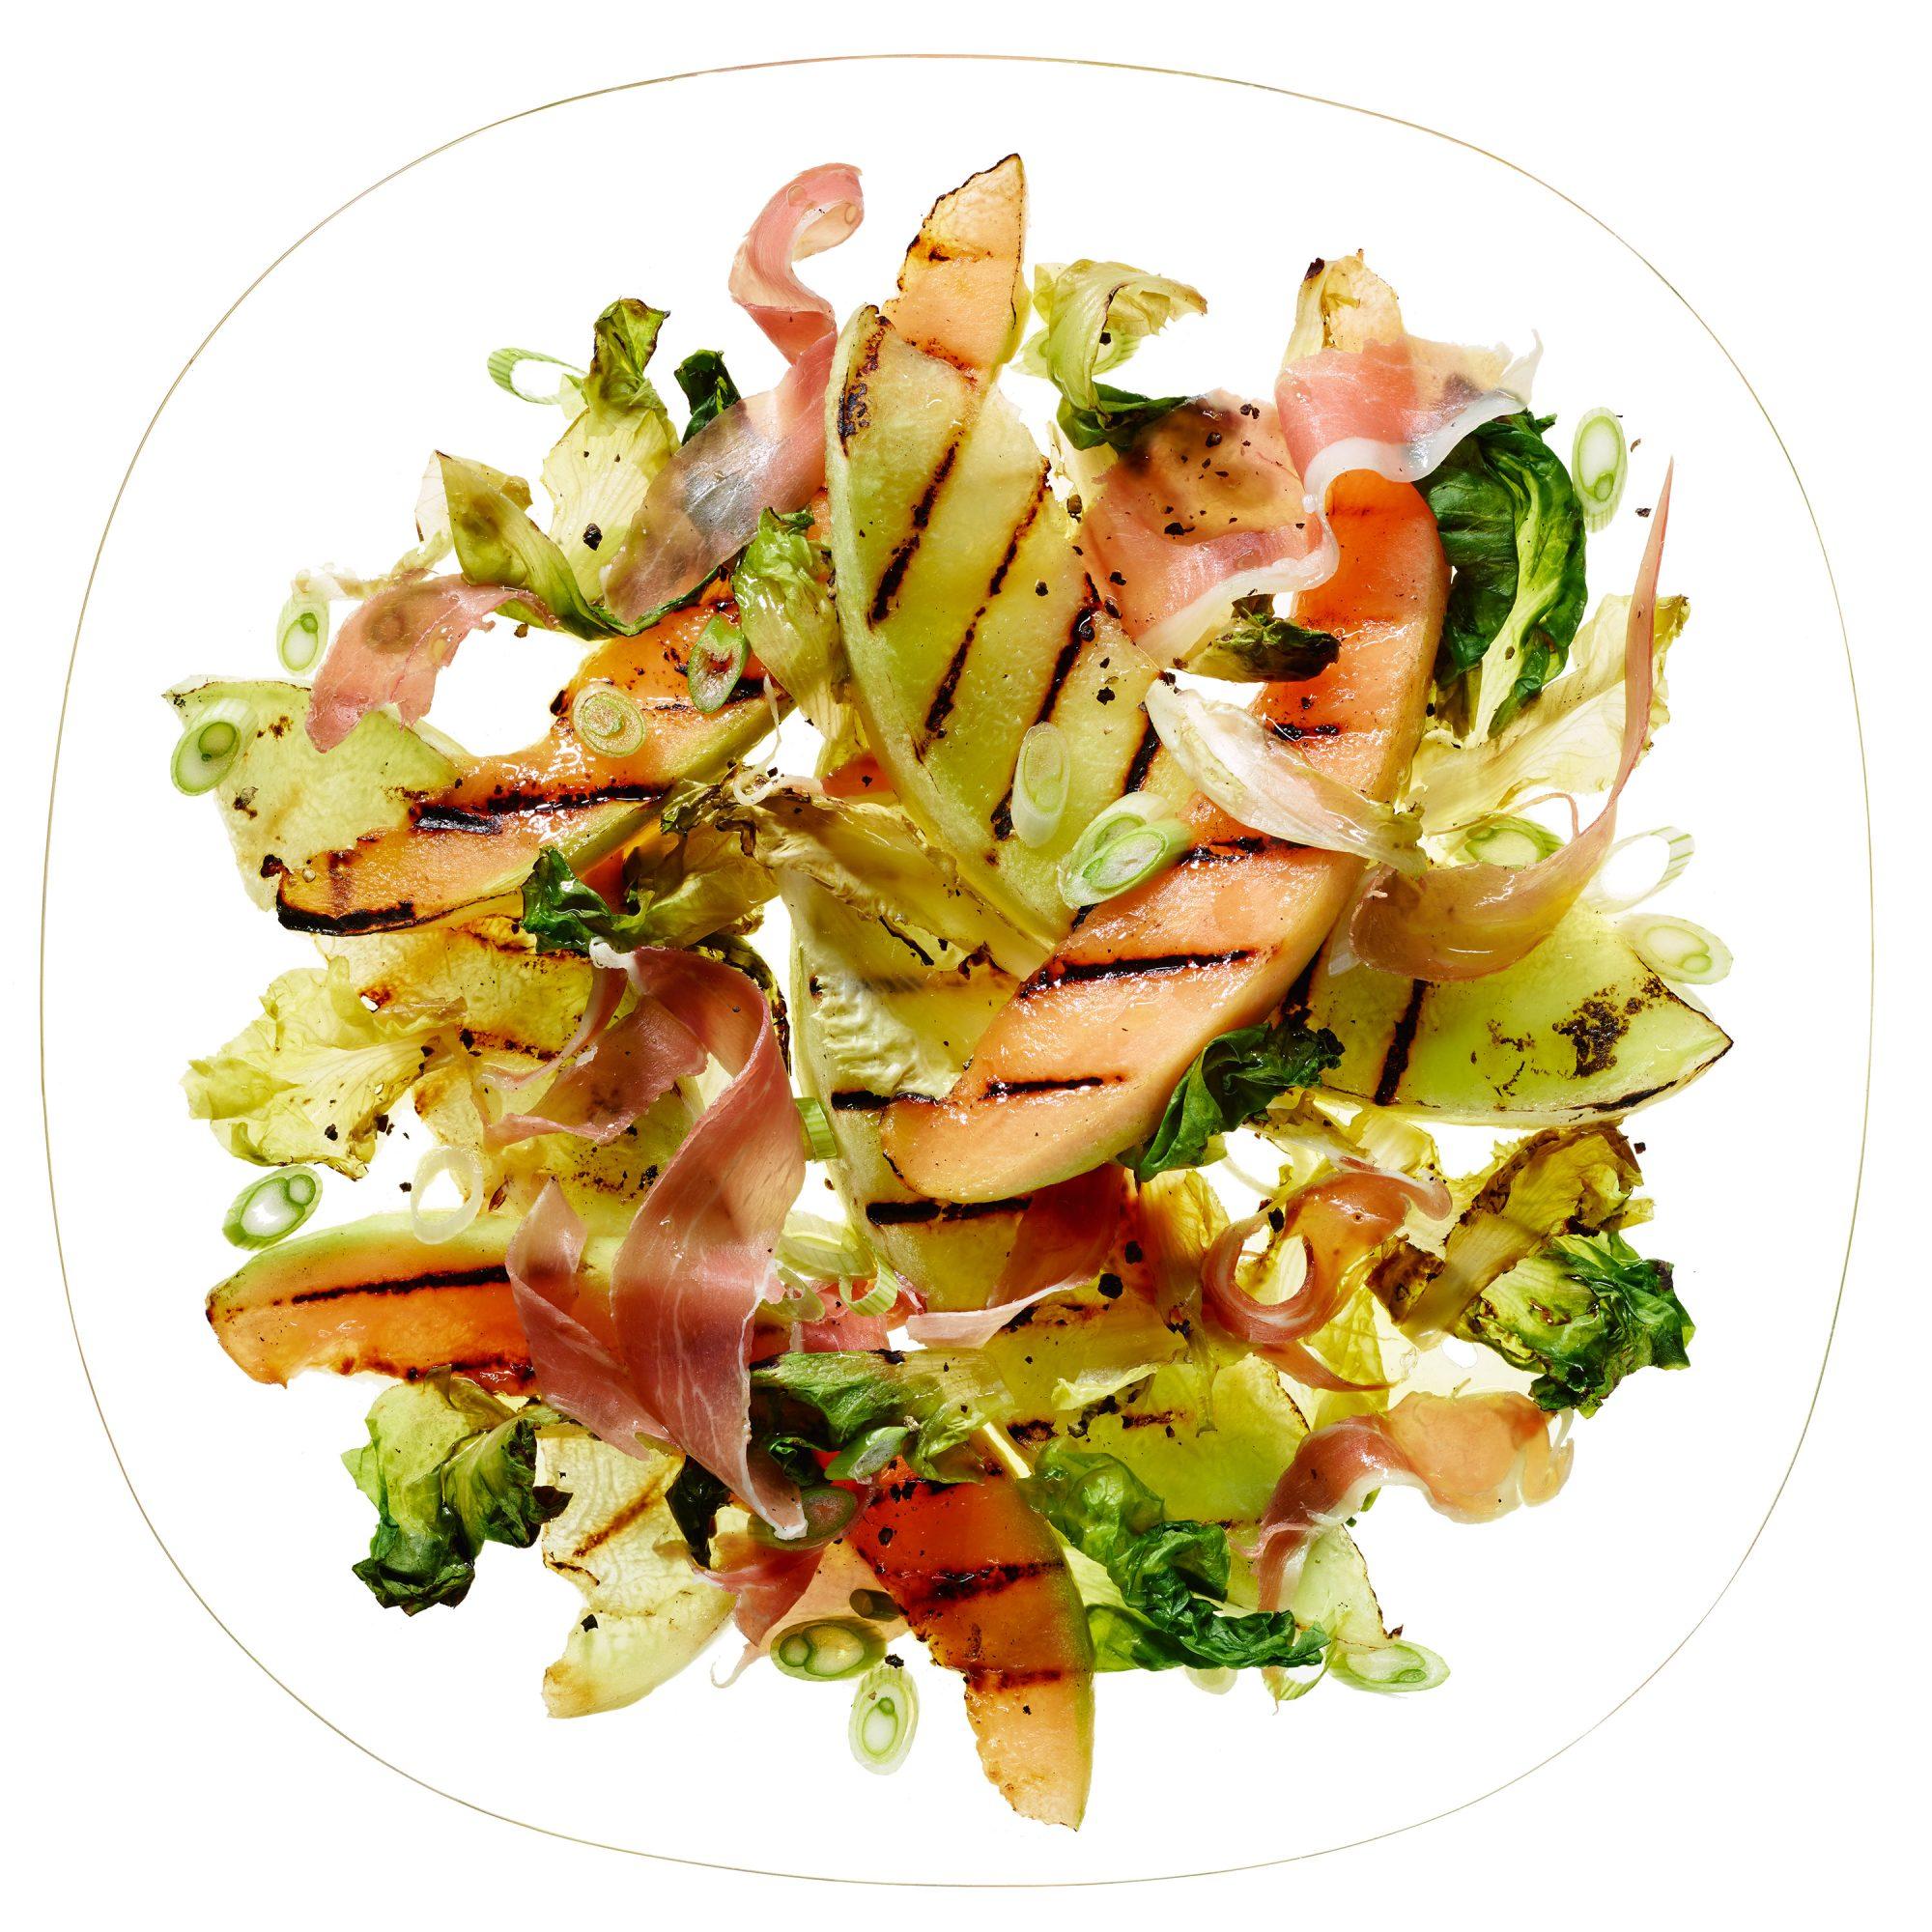 Grilled Melon & Escarole Salad with Prosciutto